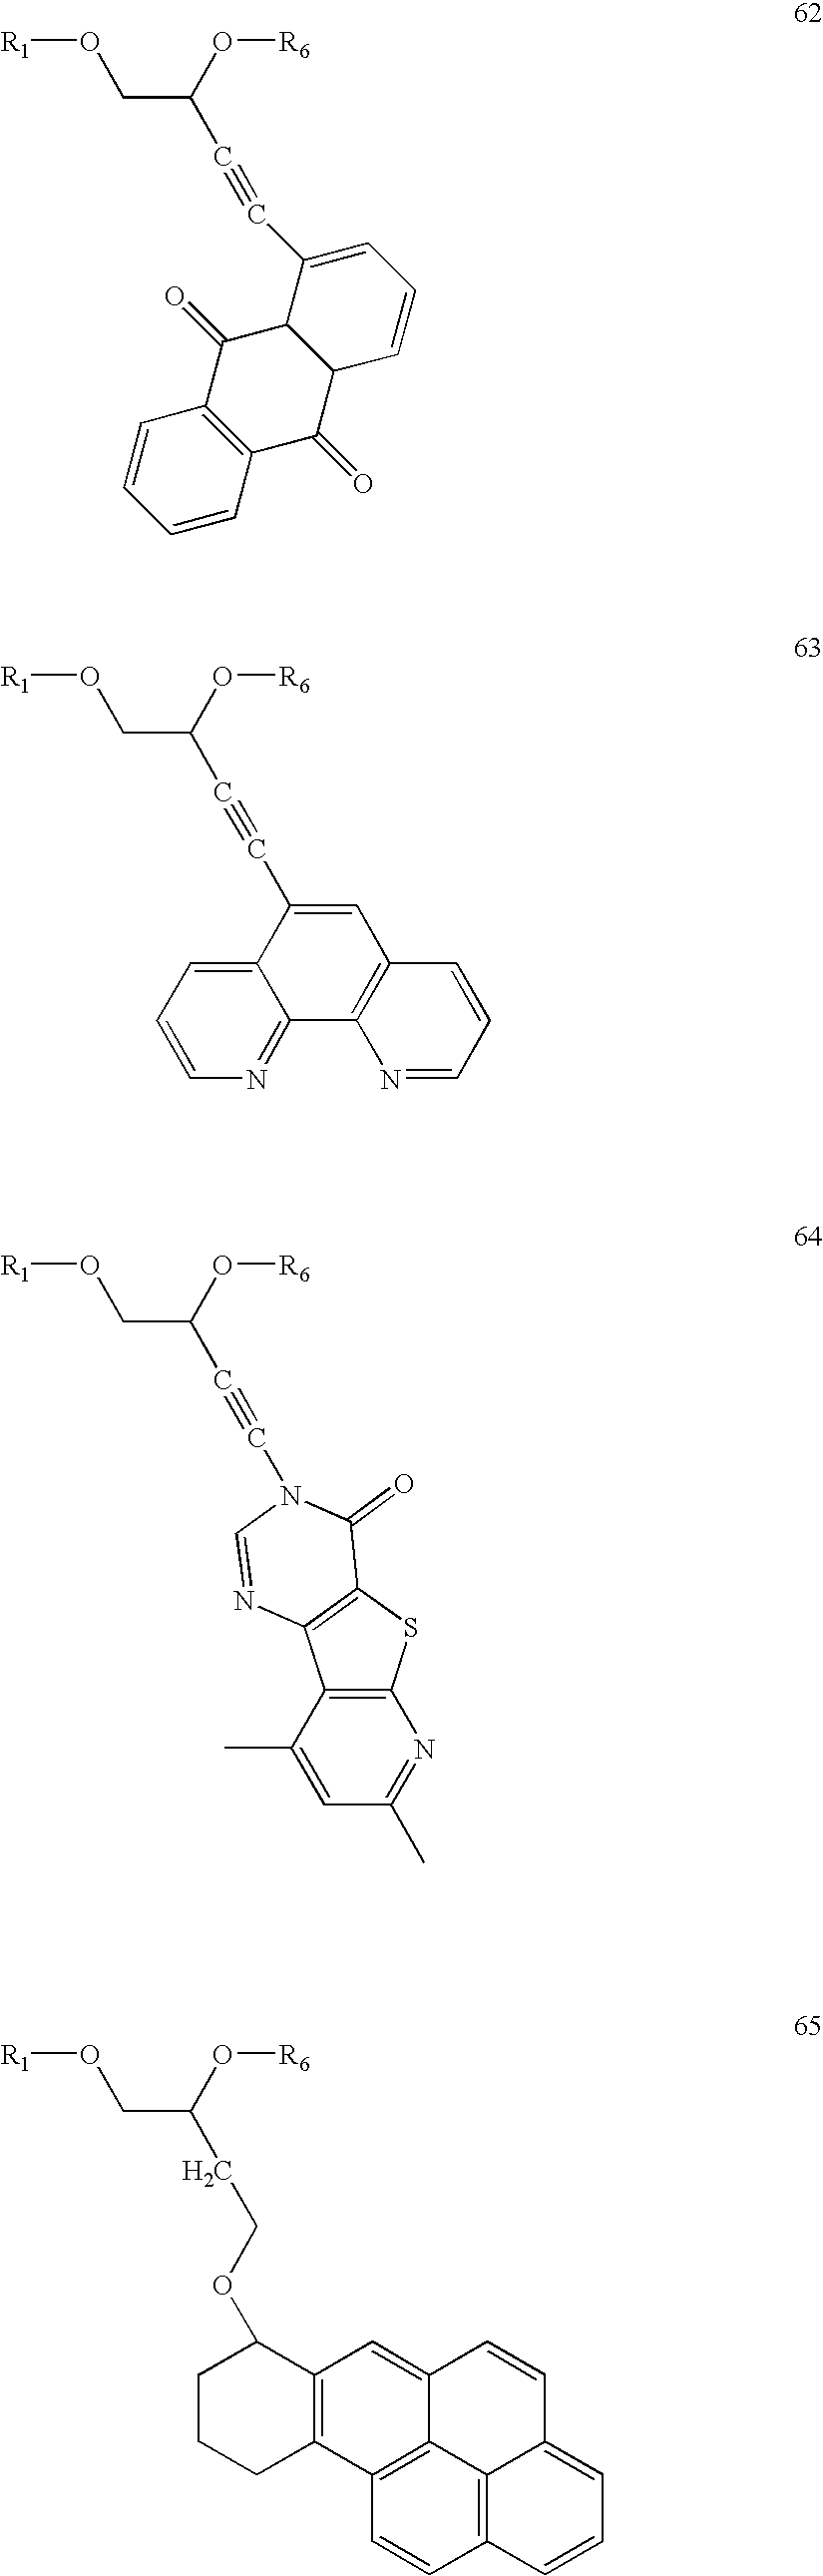 Figure US20060014144A1-20060119-C00100